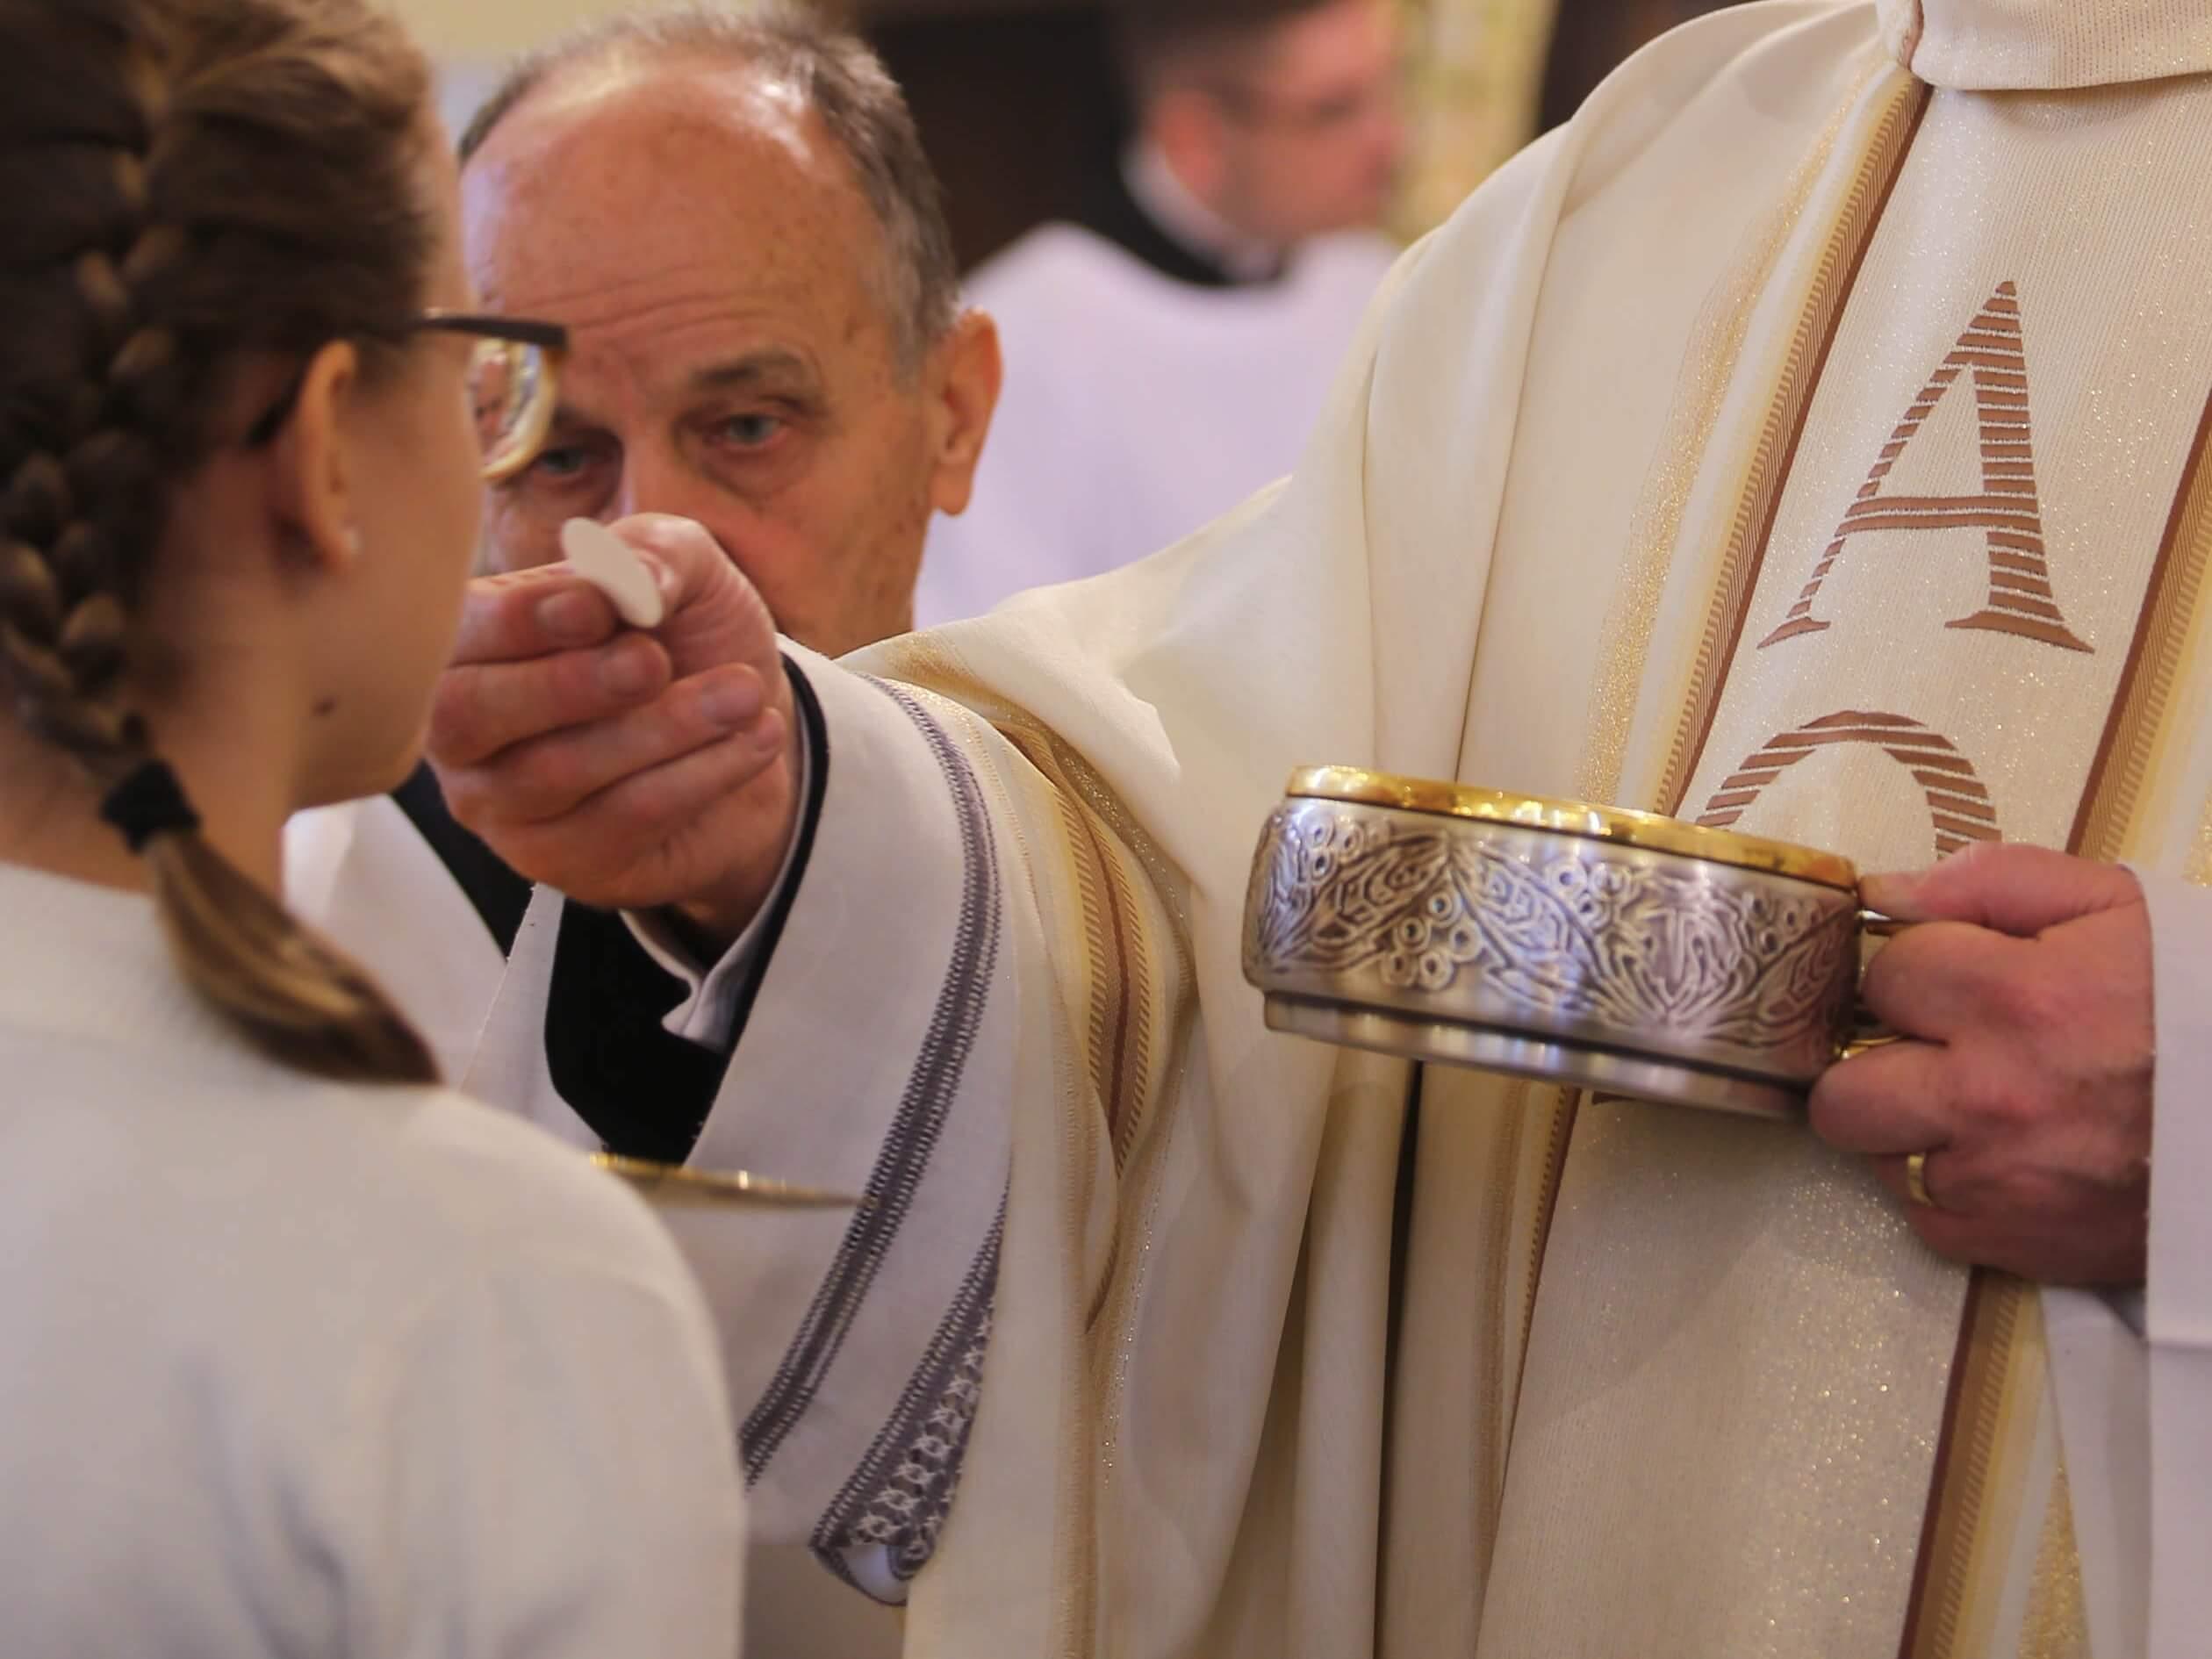 Eucharystyczna nieświadomość